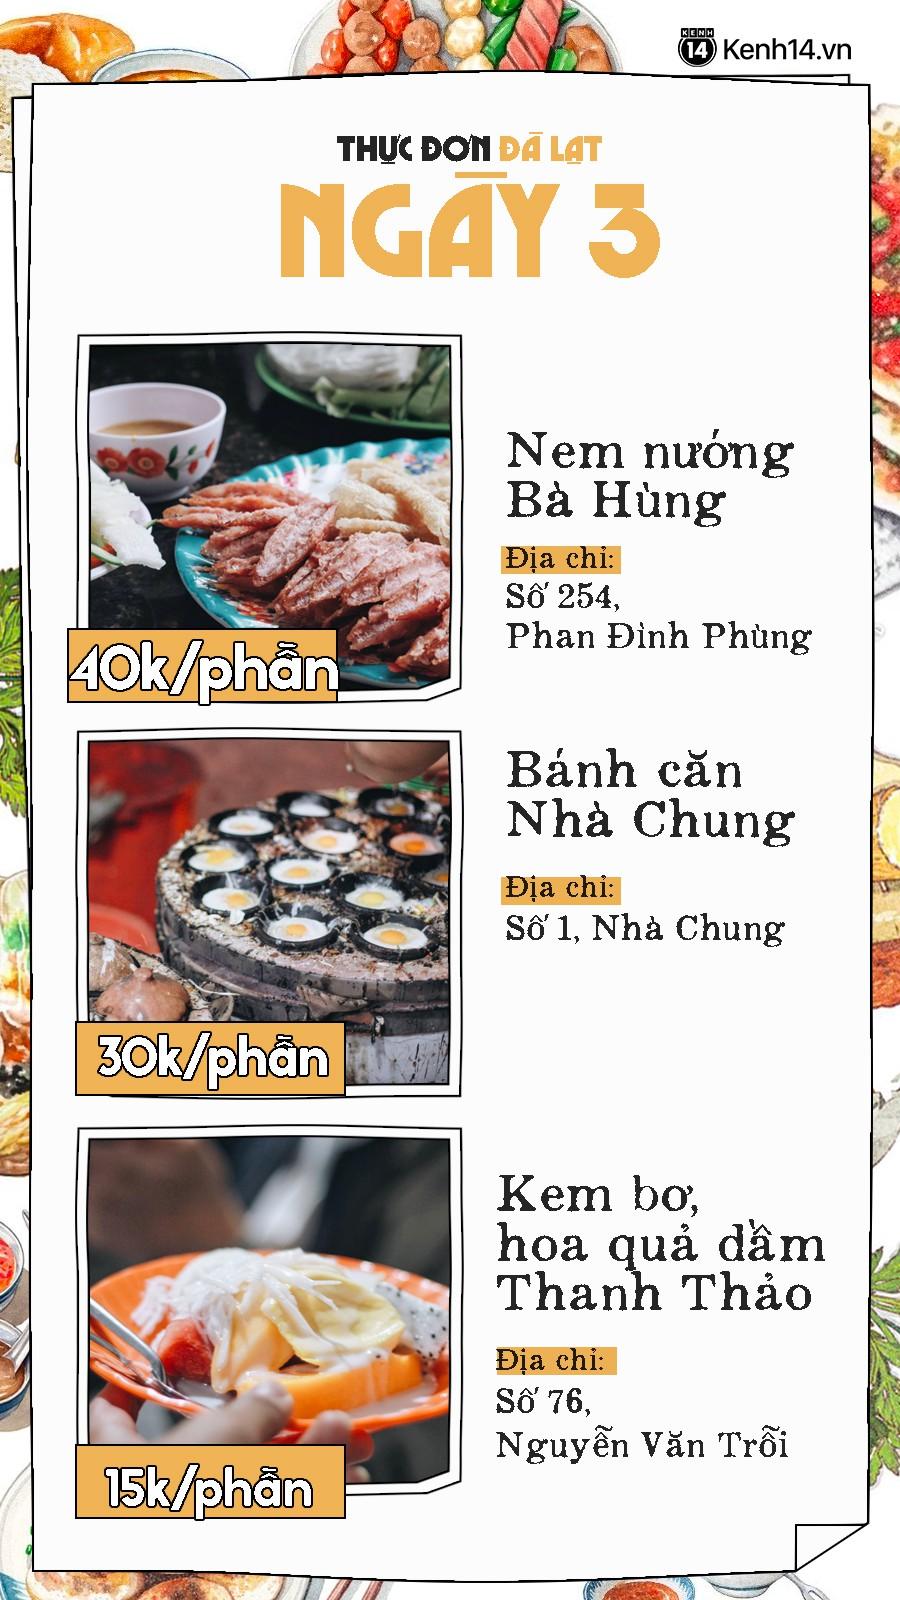 Đã có hẳn cẩm nang 7 ngày ăn ở Đà Lạt đây này, đi chơi chẳng lo phải nghĩ ngợi ăn gì ở đâu nữa - Ảnh 6.